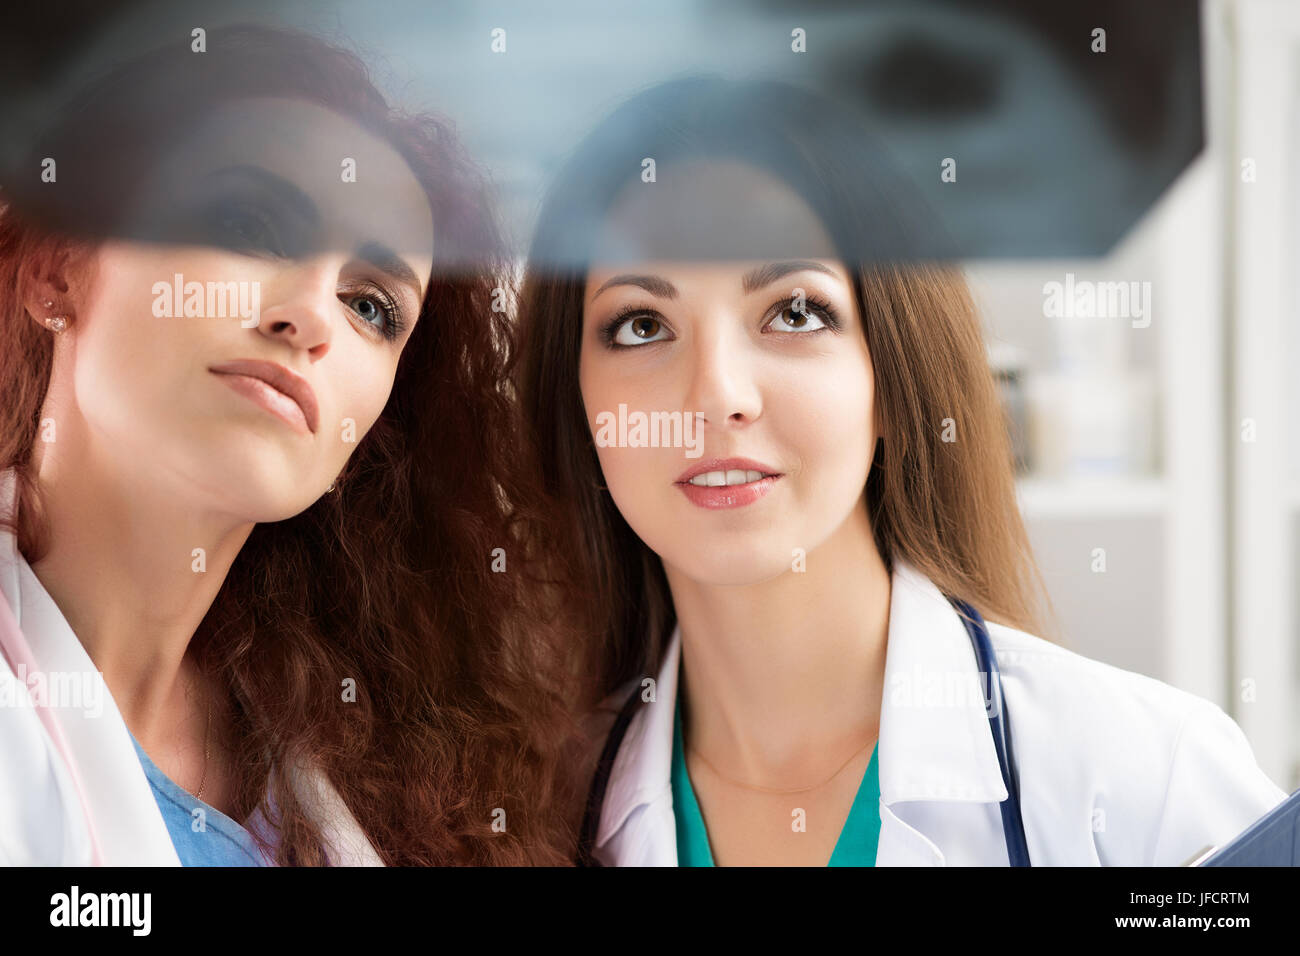 Fantastisch Radiologe Bildung Galerie - Menschliche Anatomie Bilder ...